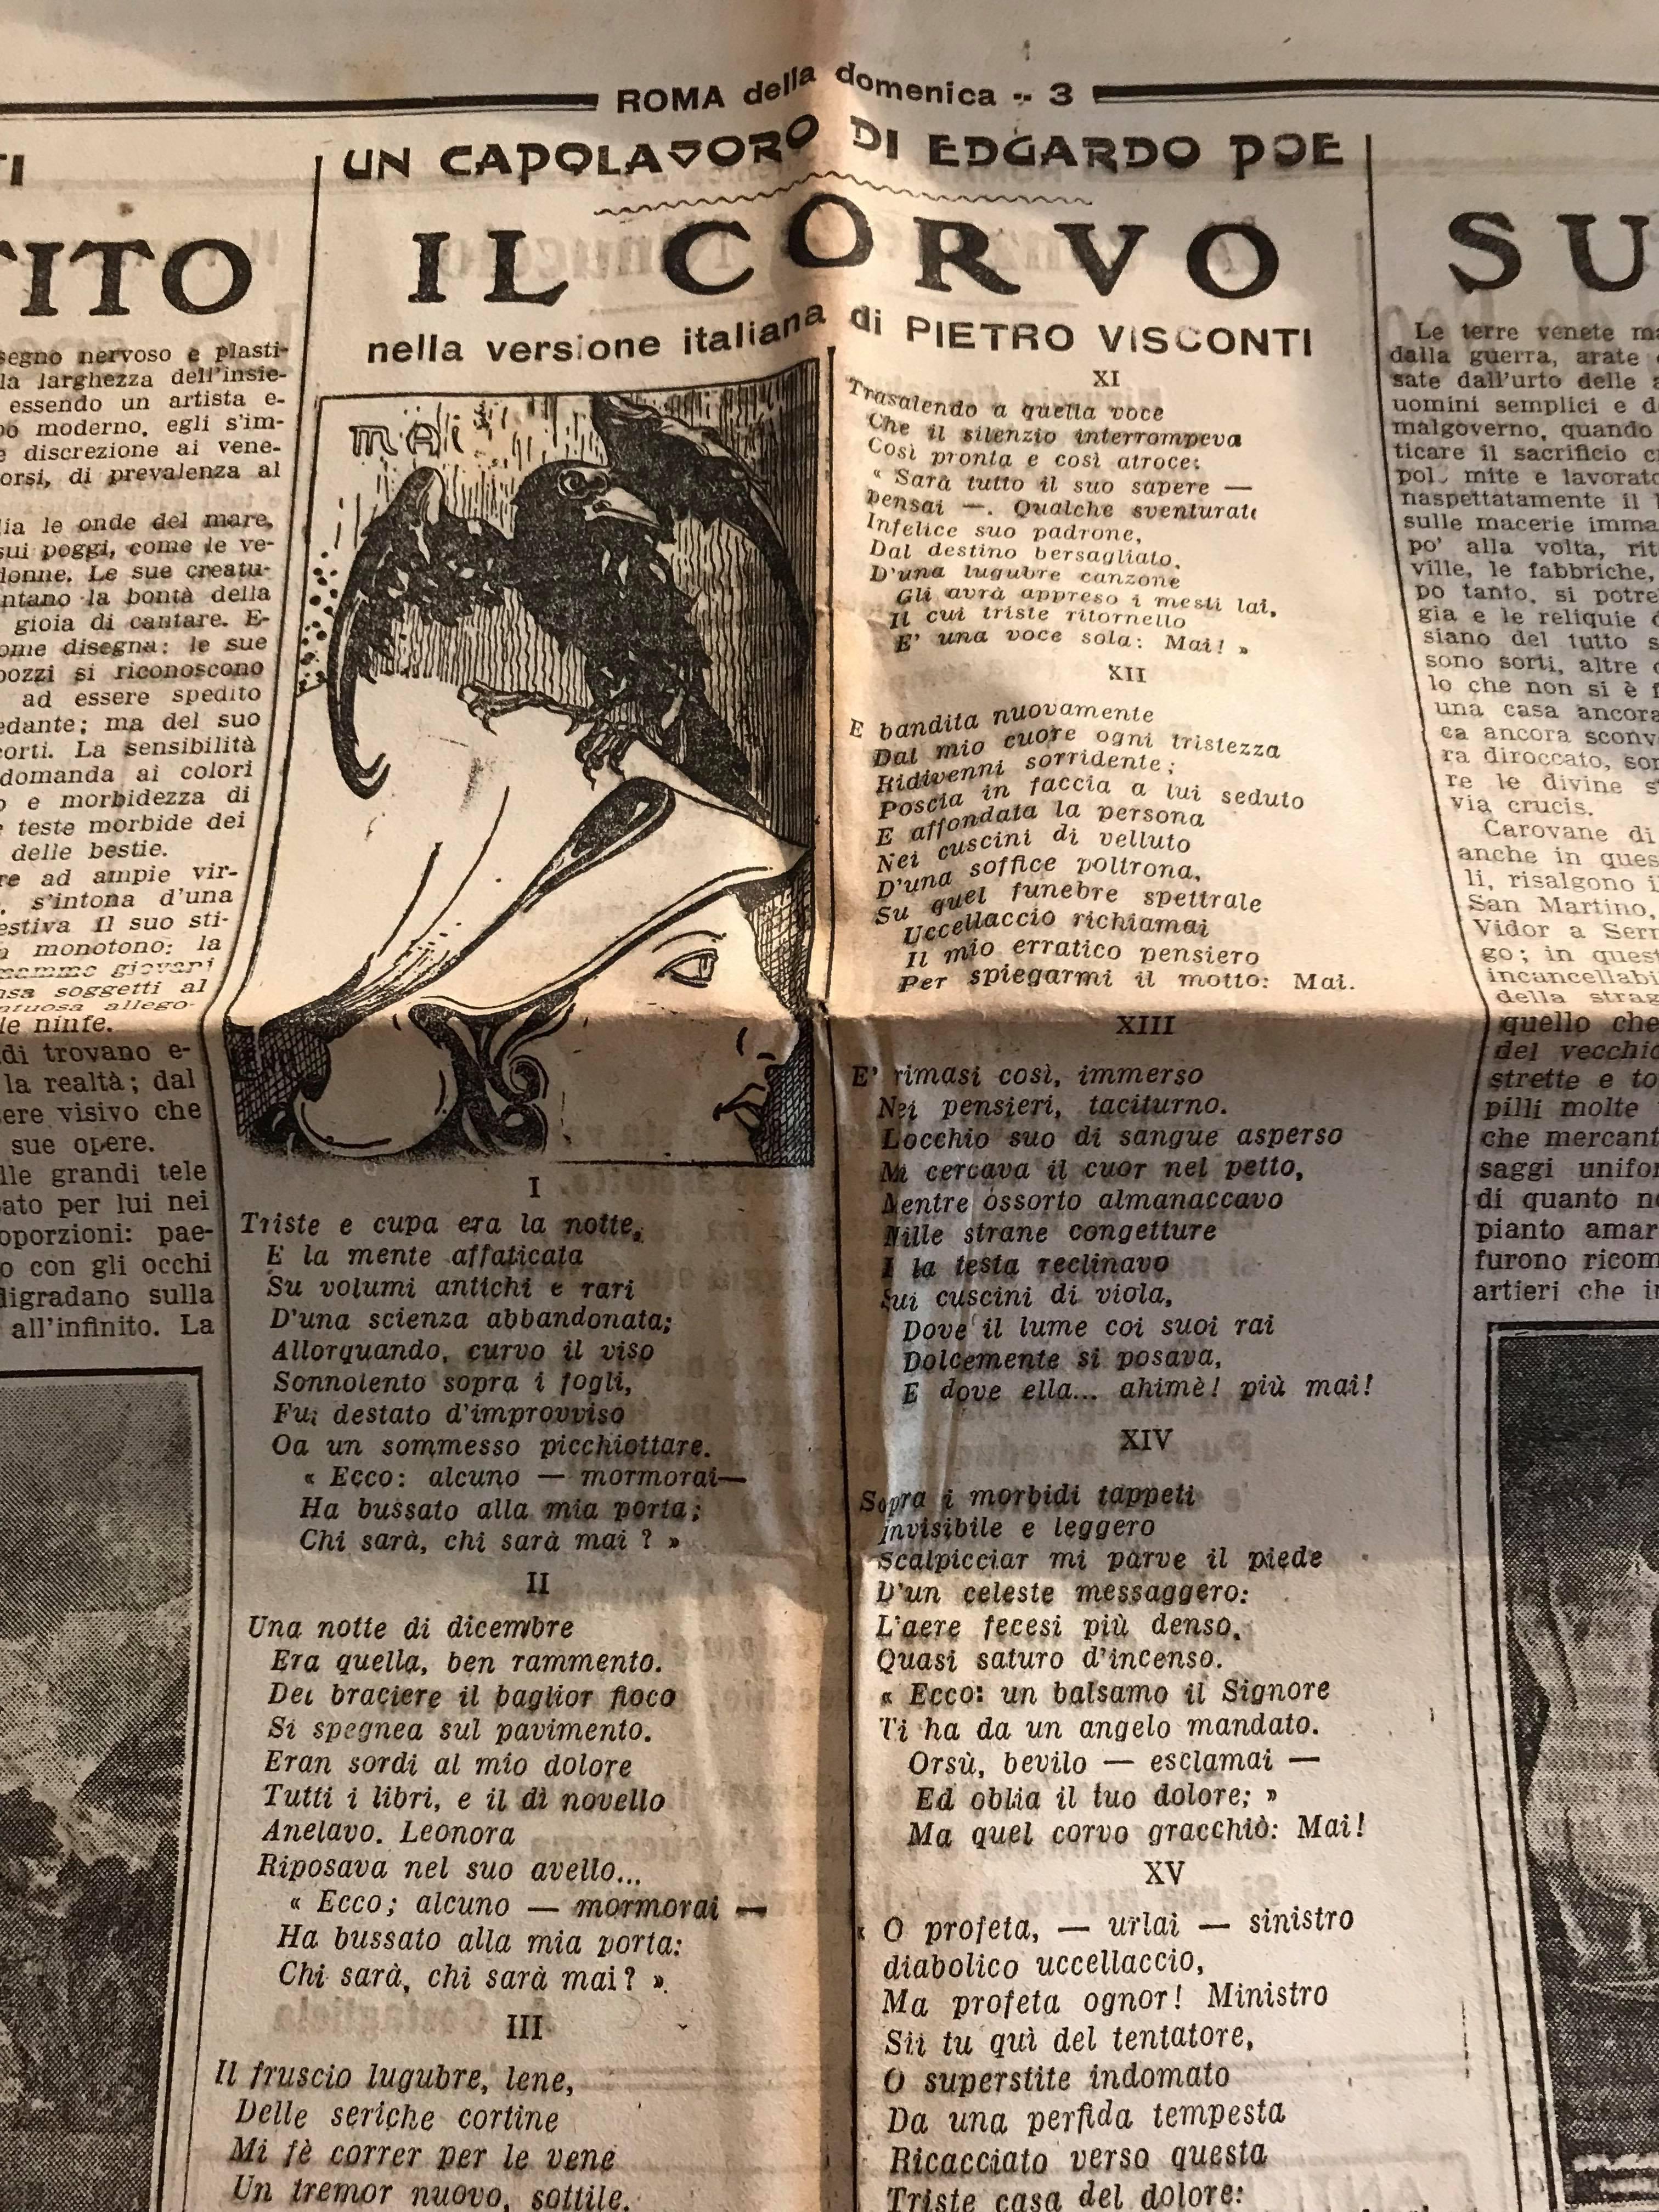 """Un'edizione sconosciuta de """"Il Corvo"""" di Edgar Allan Poe trovata al mercatino!"""